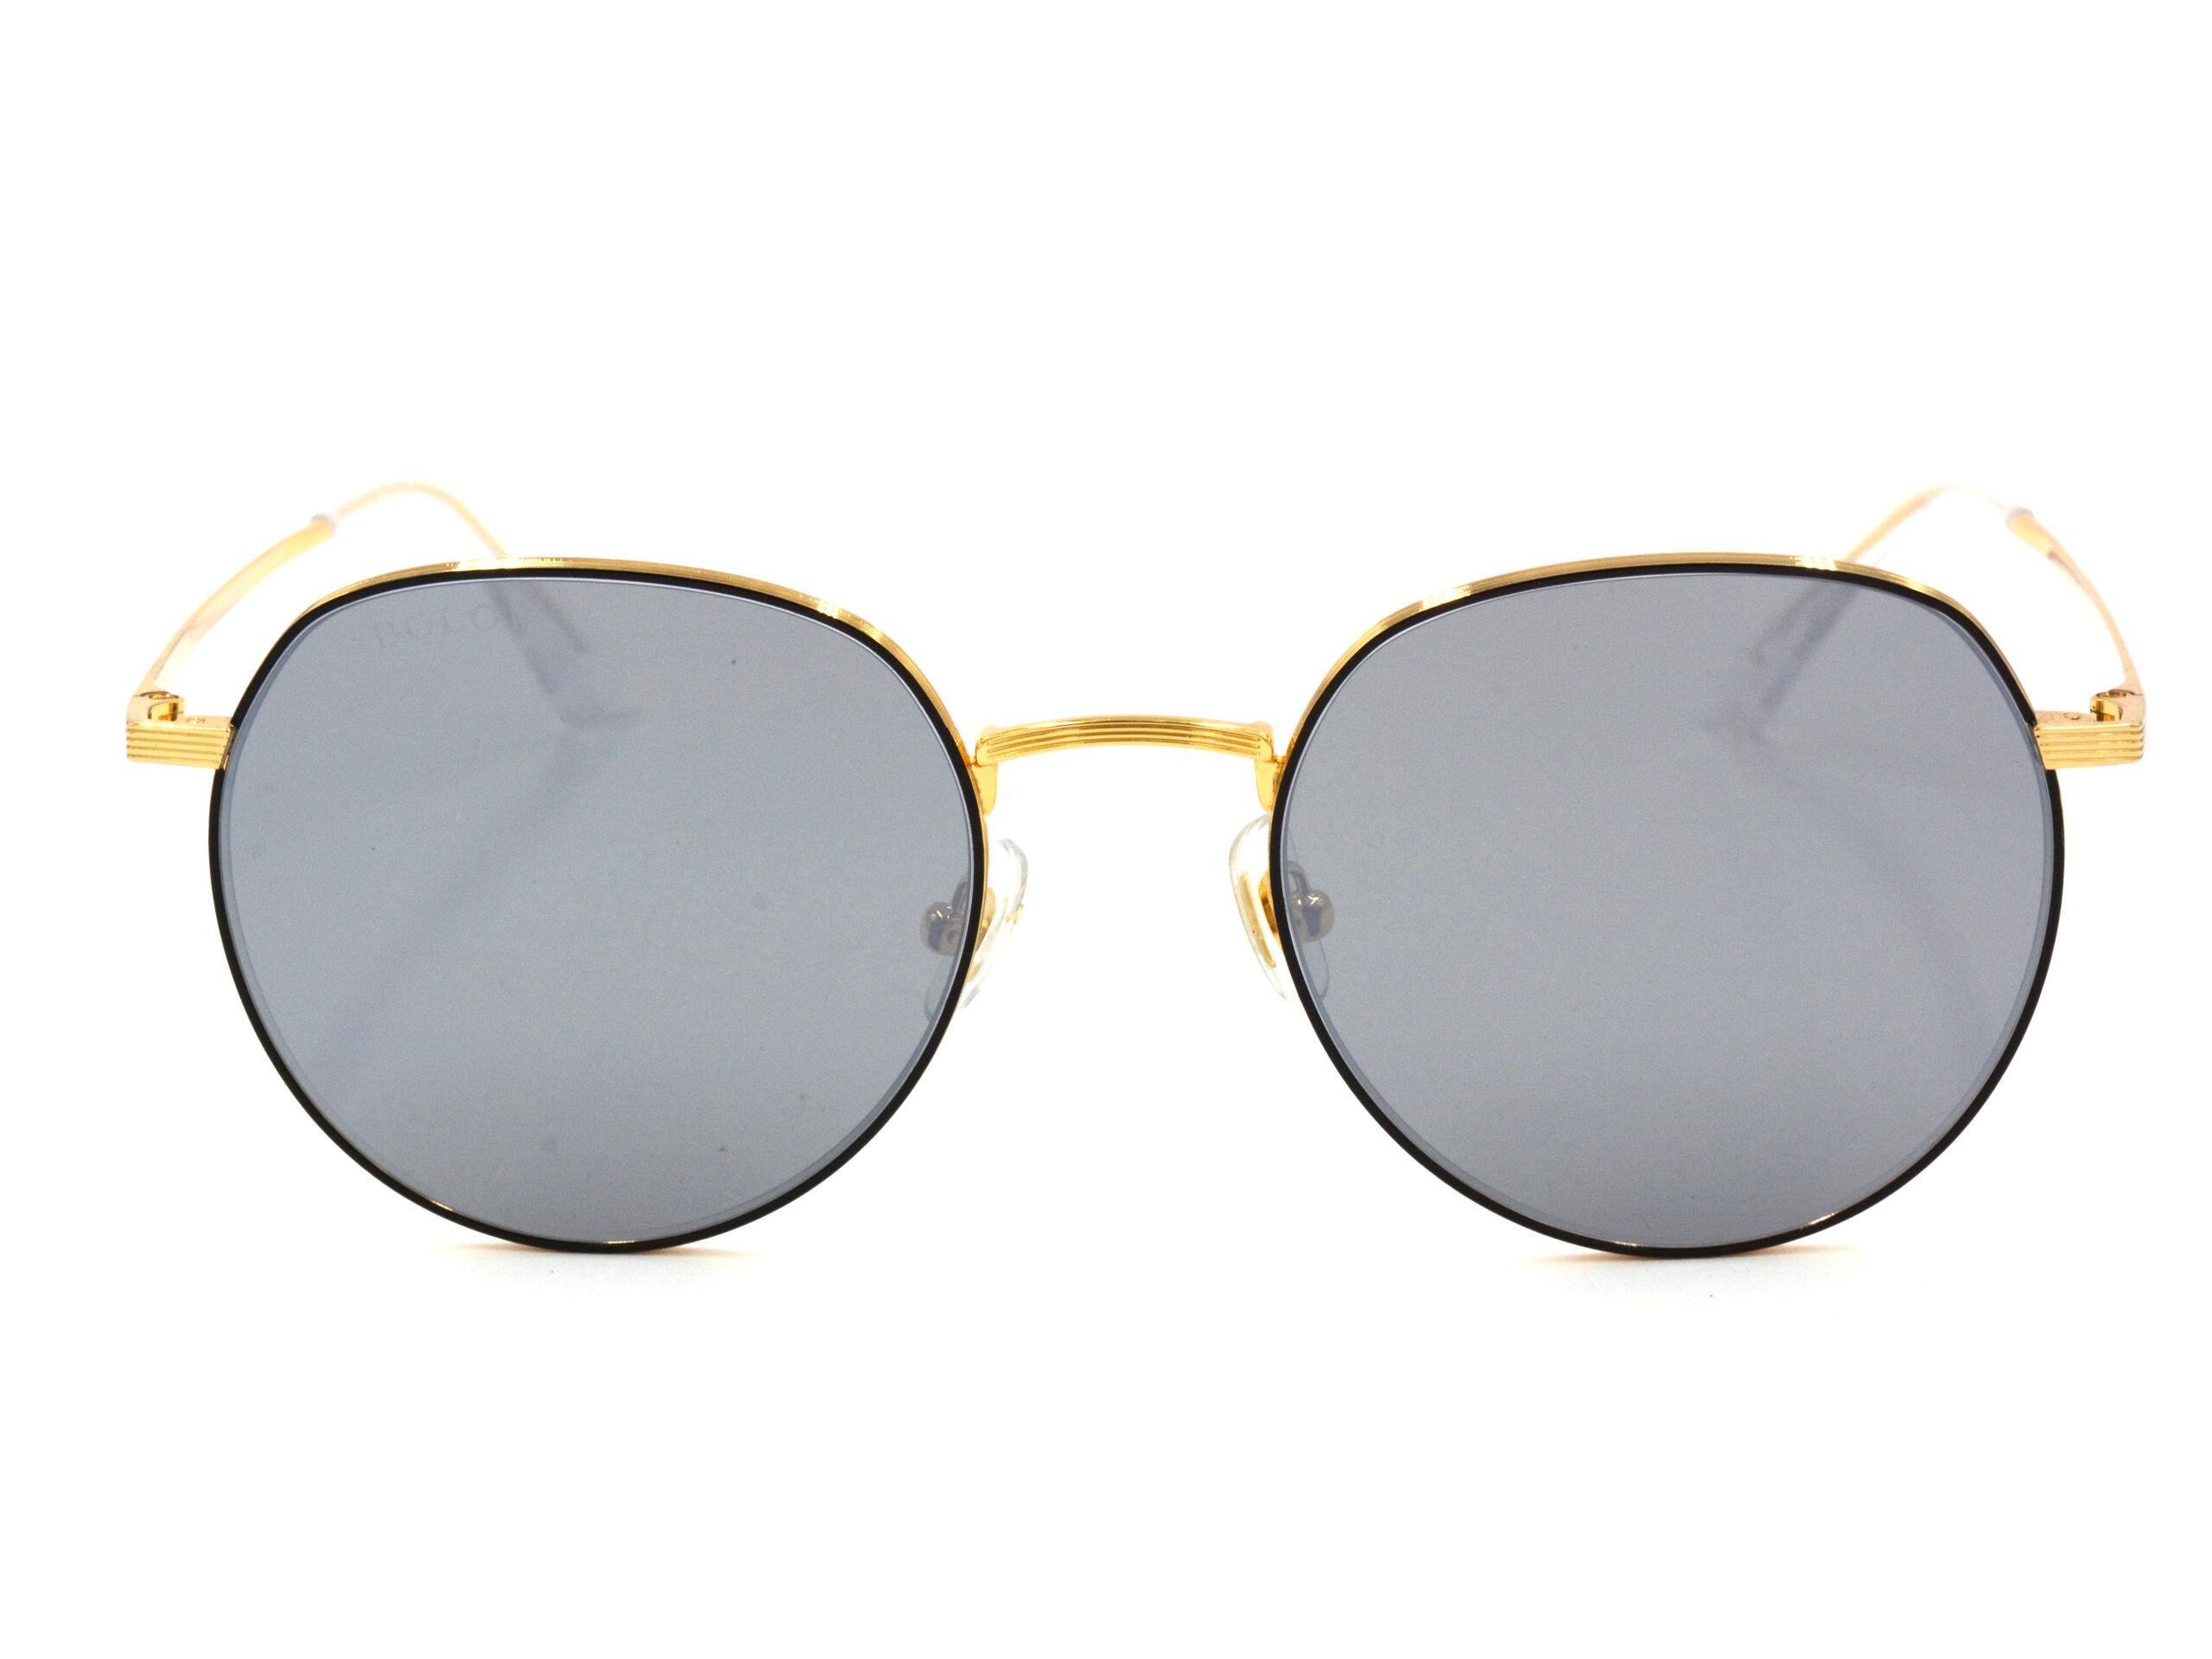 Γυαλιά ηλίου BOLON BL7058 D12 Πειραιάς